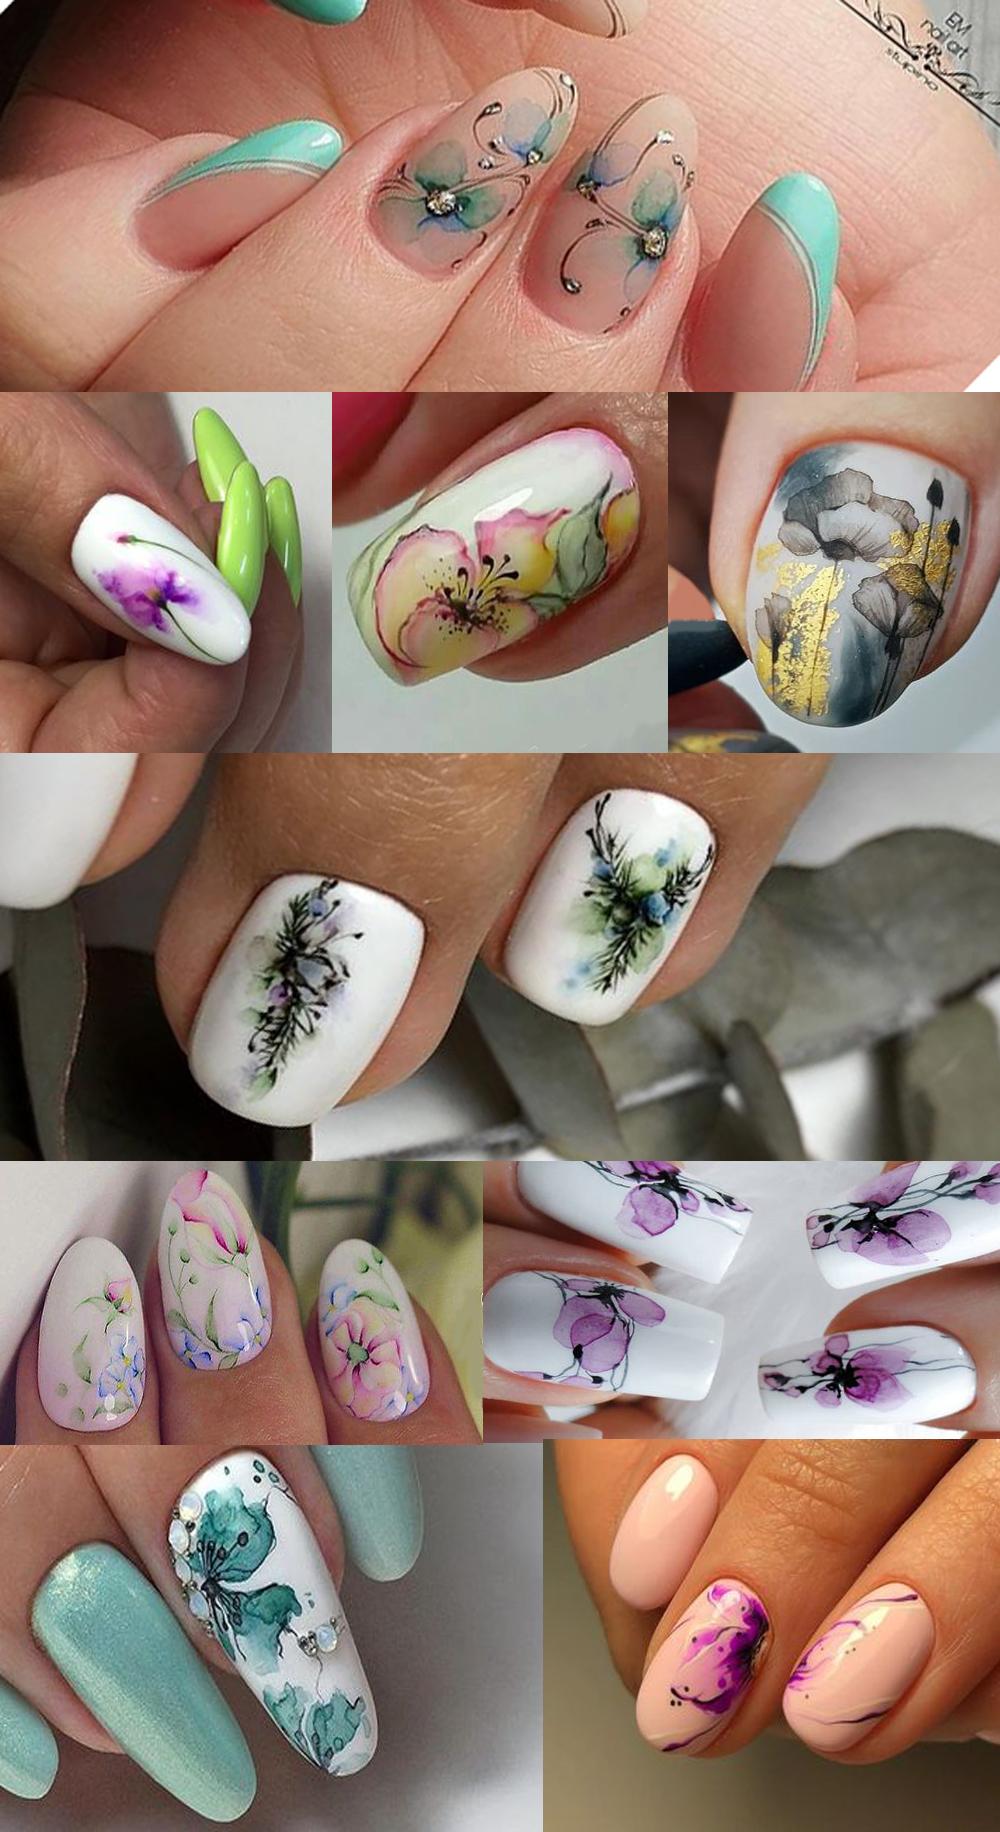 Акварельный маникюр — Красивые ногти (с изображениями) | Ногти ...Нежный маникюр в светлых тонах.